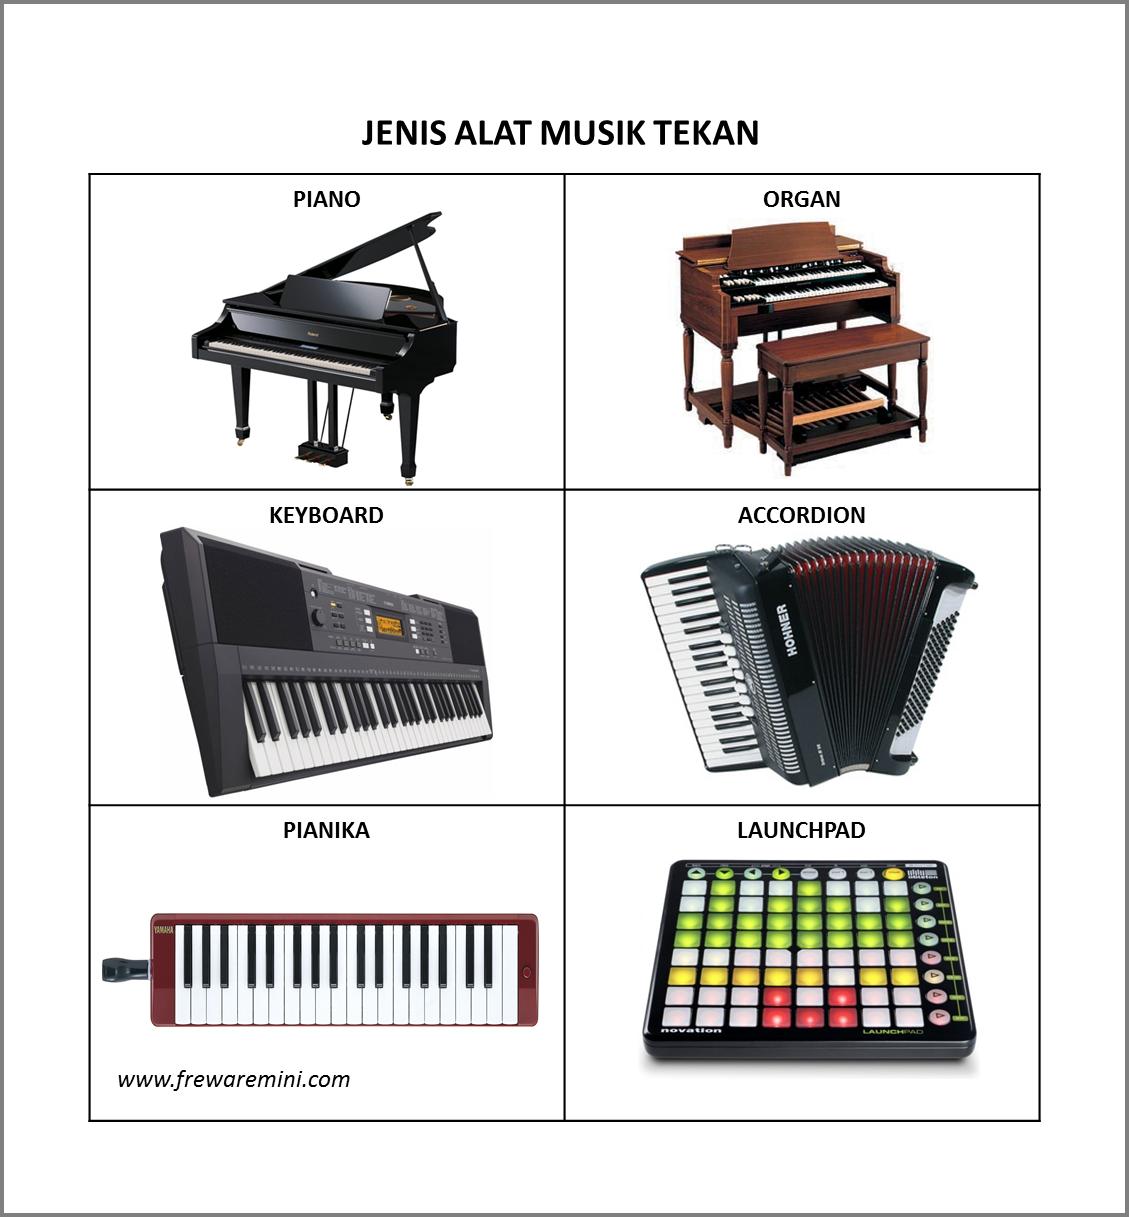 85 Gambar Alat Musik Accordion Terbaik